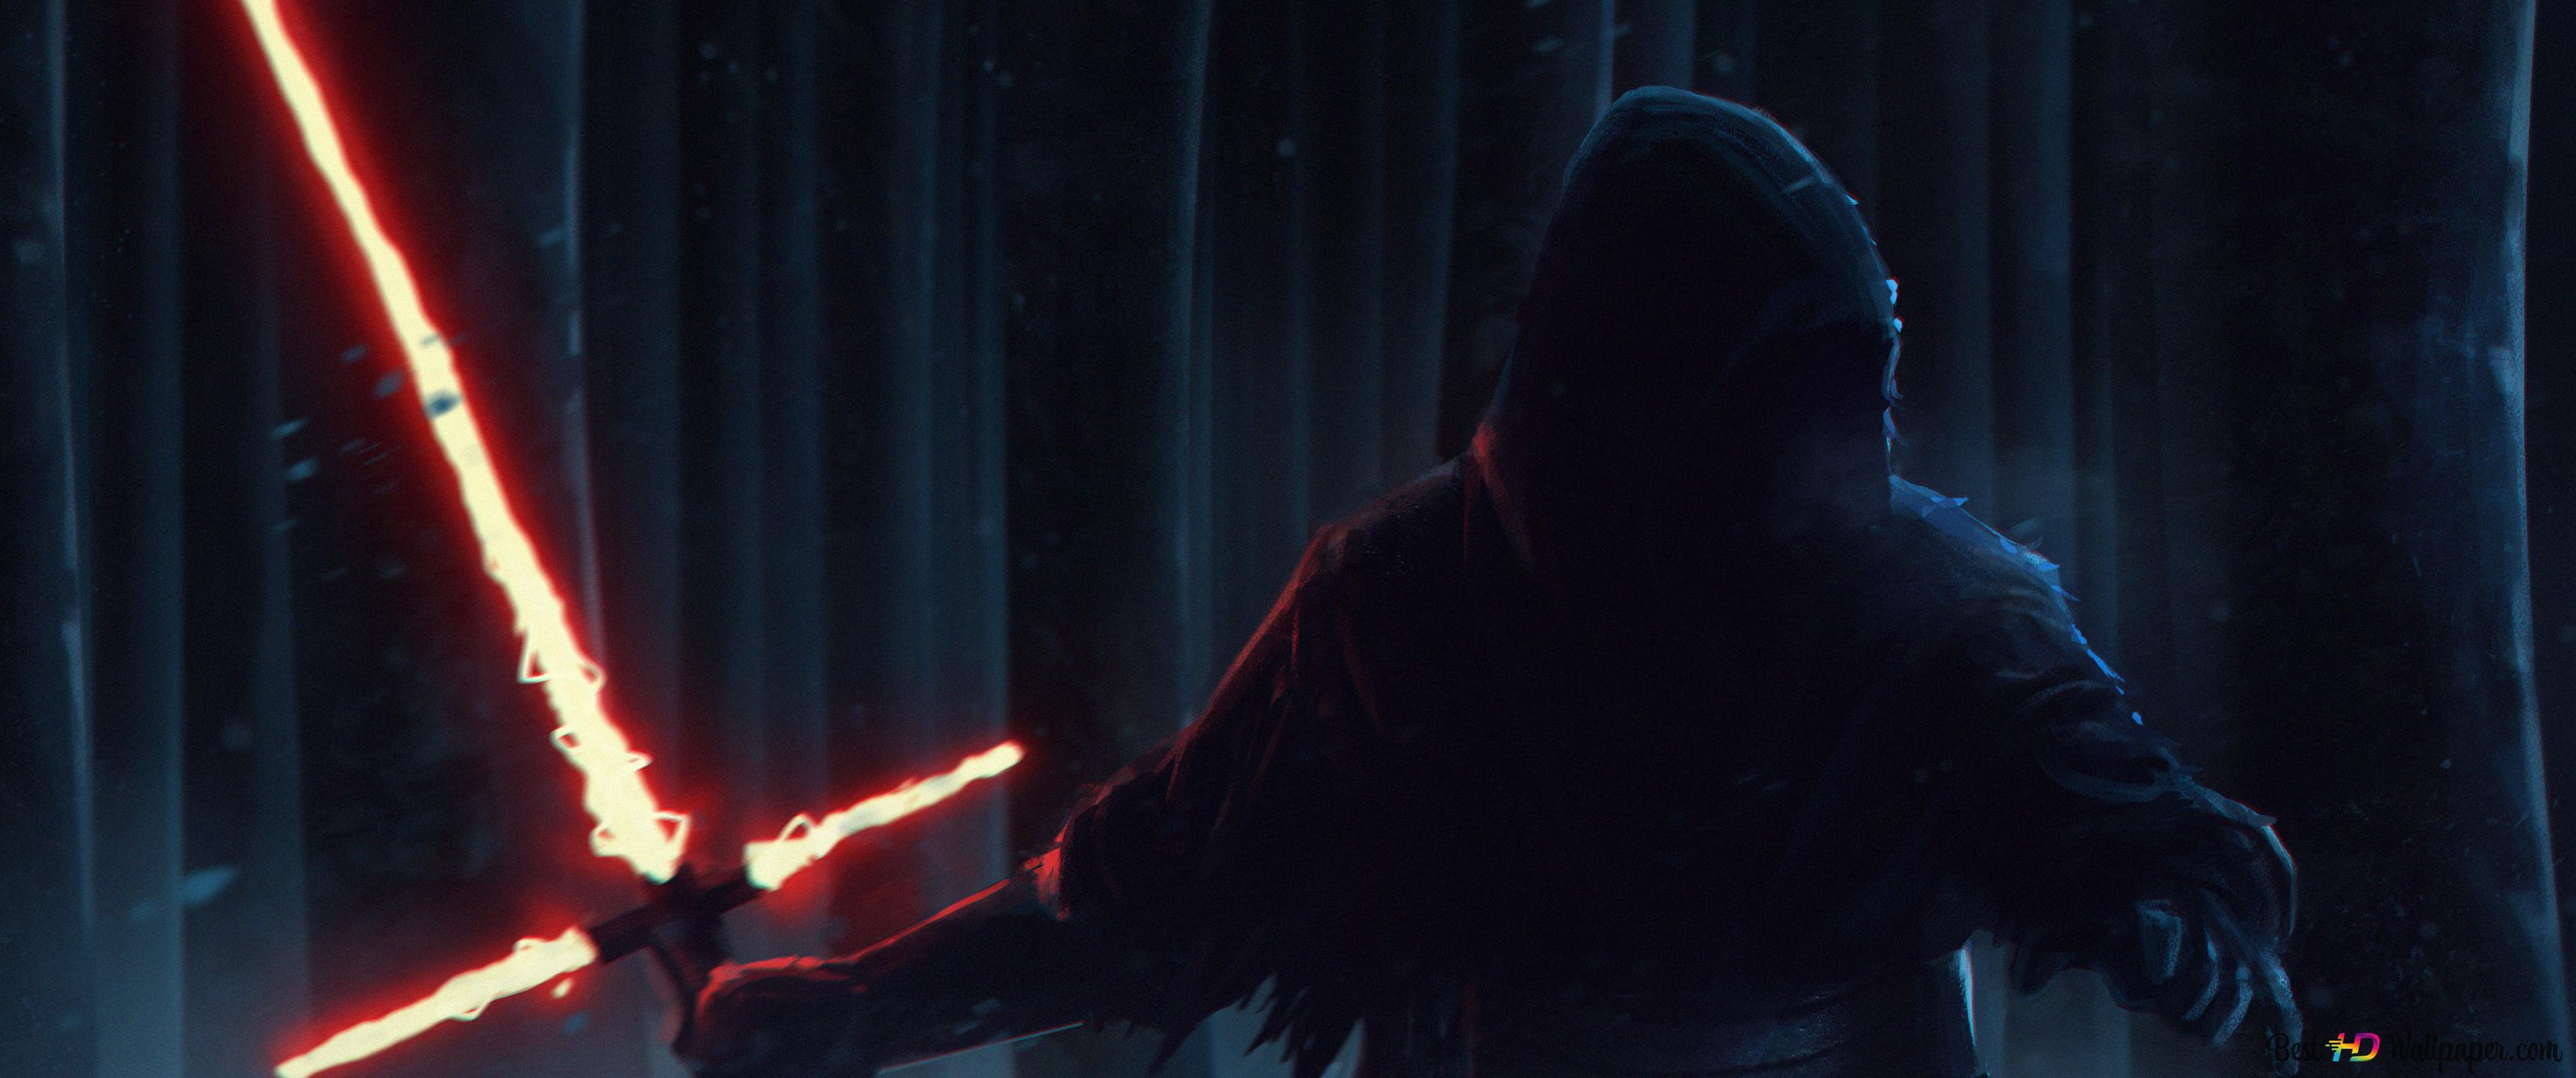 Dark Warrior Kylo Ren Star Wars Episode Vii The Force Awakens